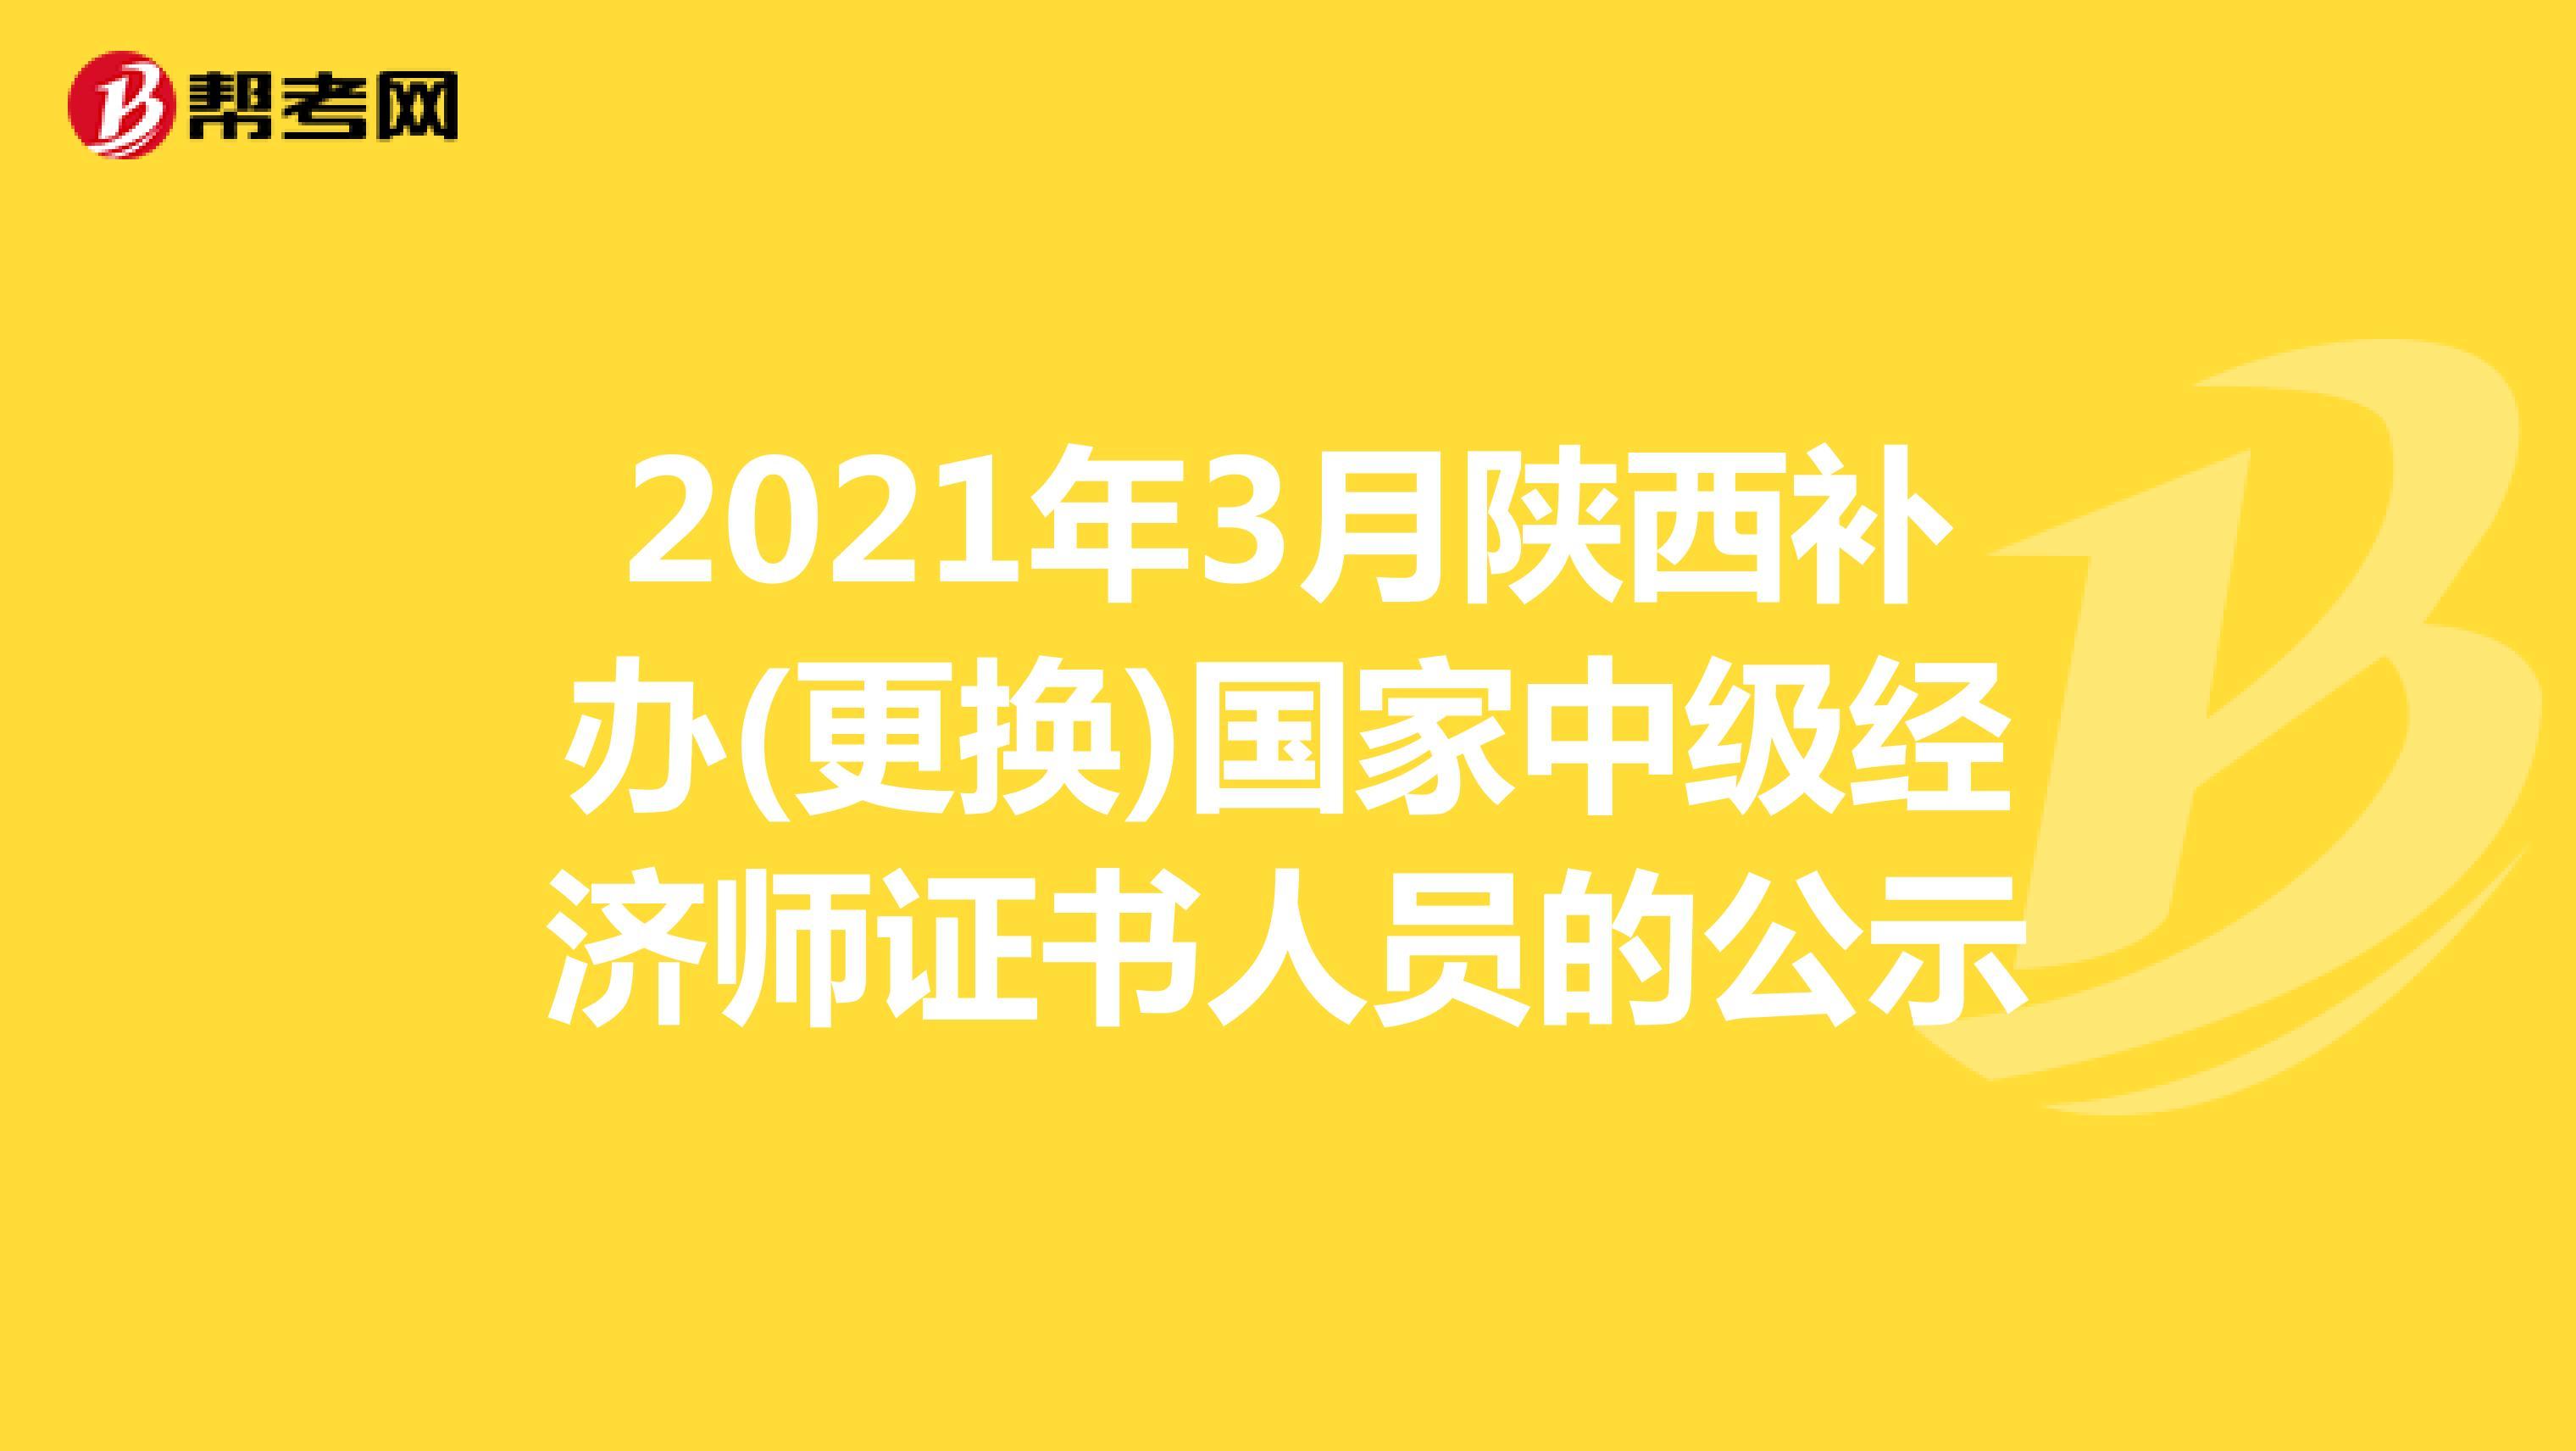 2021年3月陕西补办(更换)国家(hot88电竞官网)中级经济师证书人员的公示